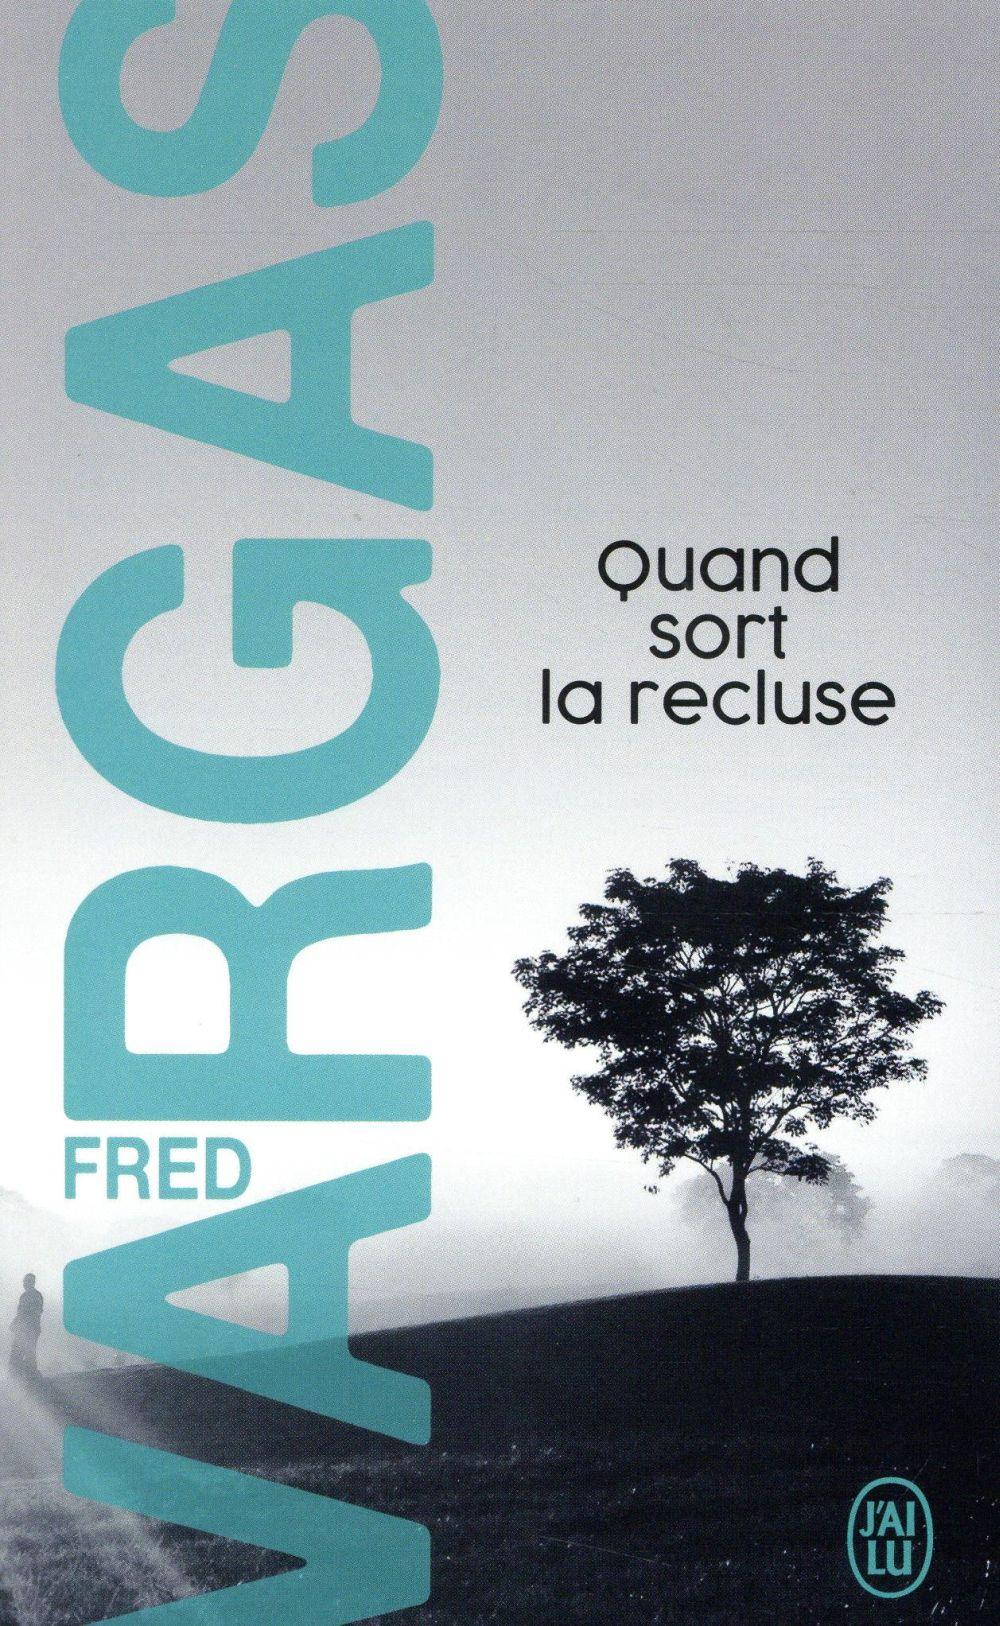 QUAND SORT LA RECLUSE VARGAS FRED J-AI LU